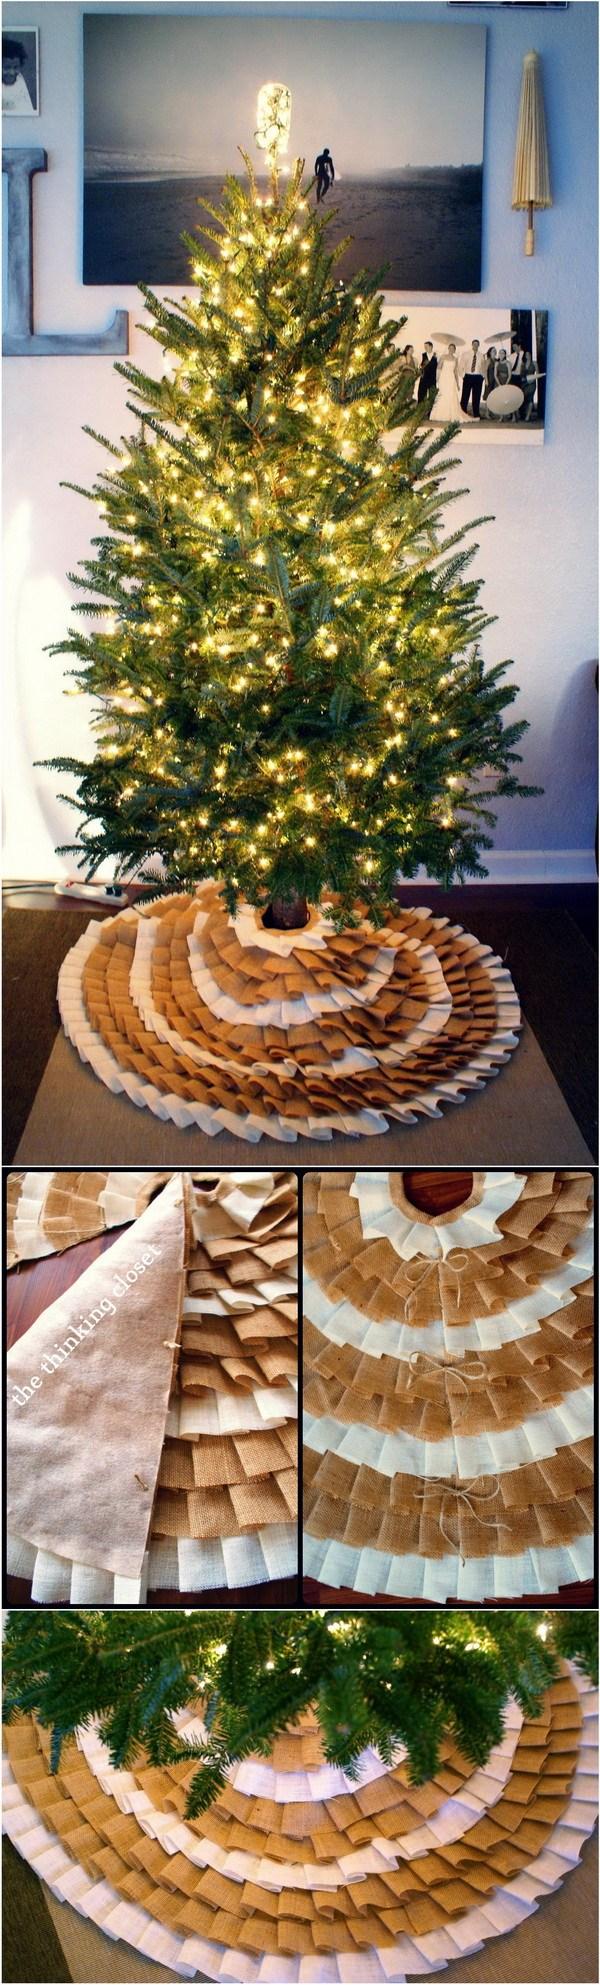 Large Of Christmas Tree Skirts